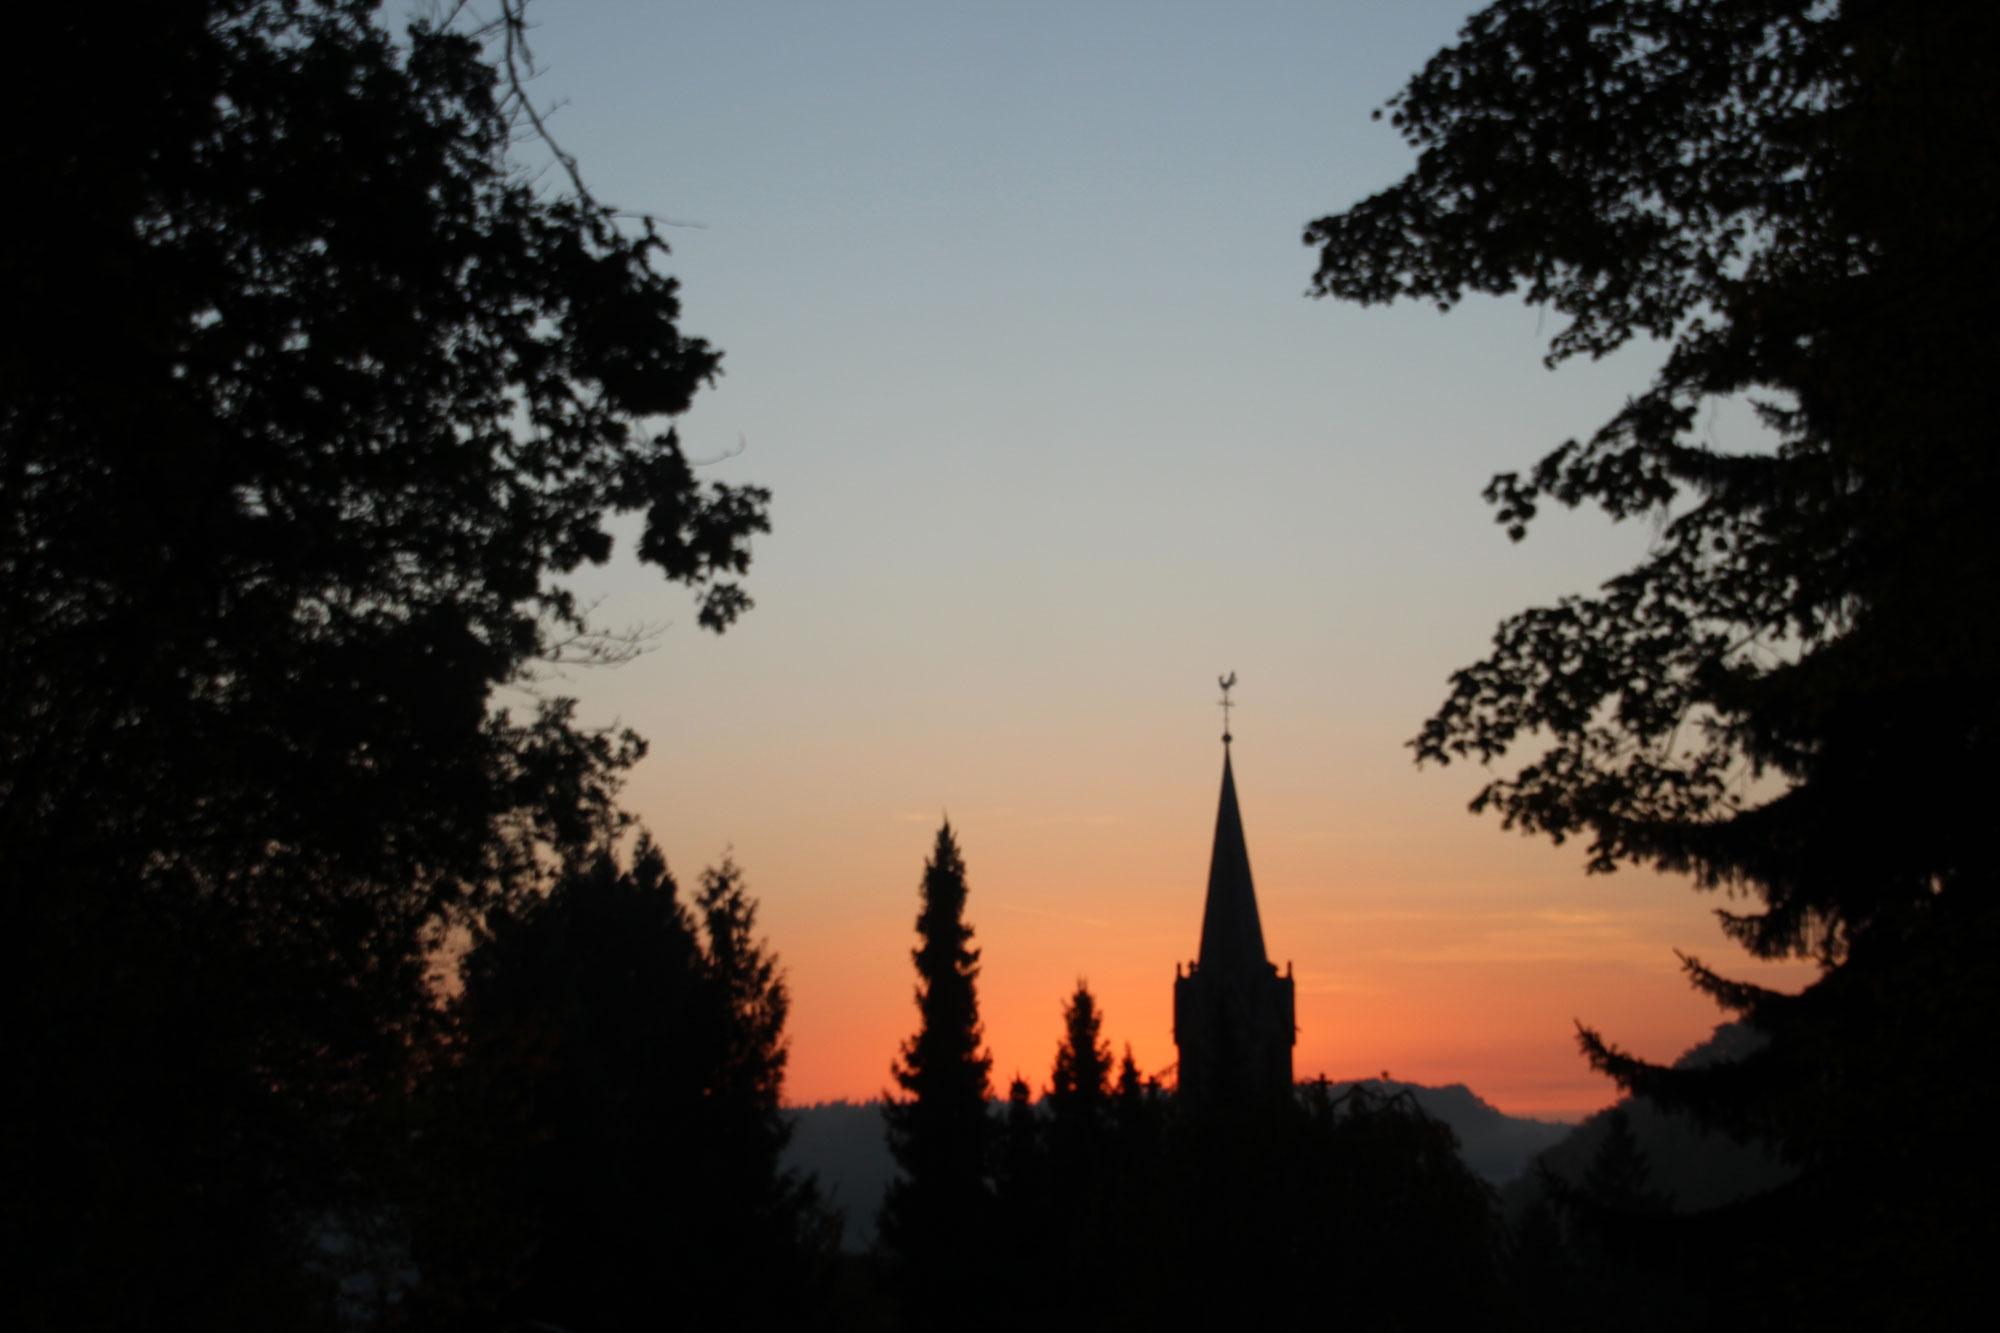 Pfarrer i.R. Erwin Rech aus diesem Leben heimgerufen